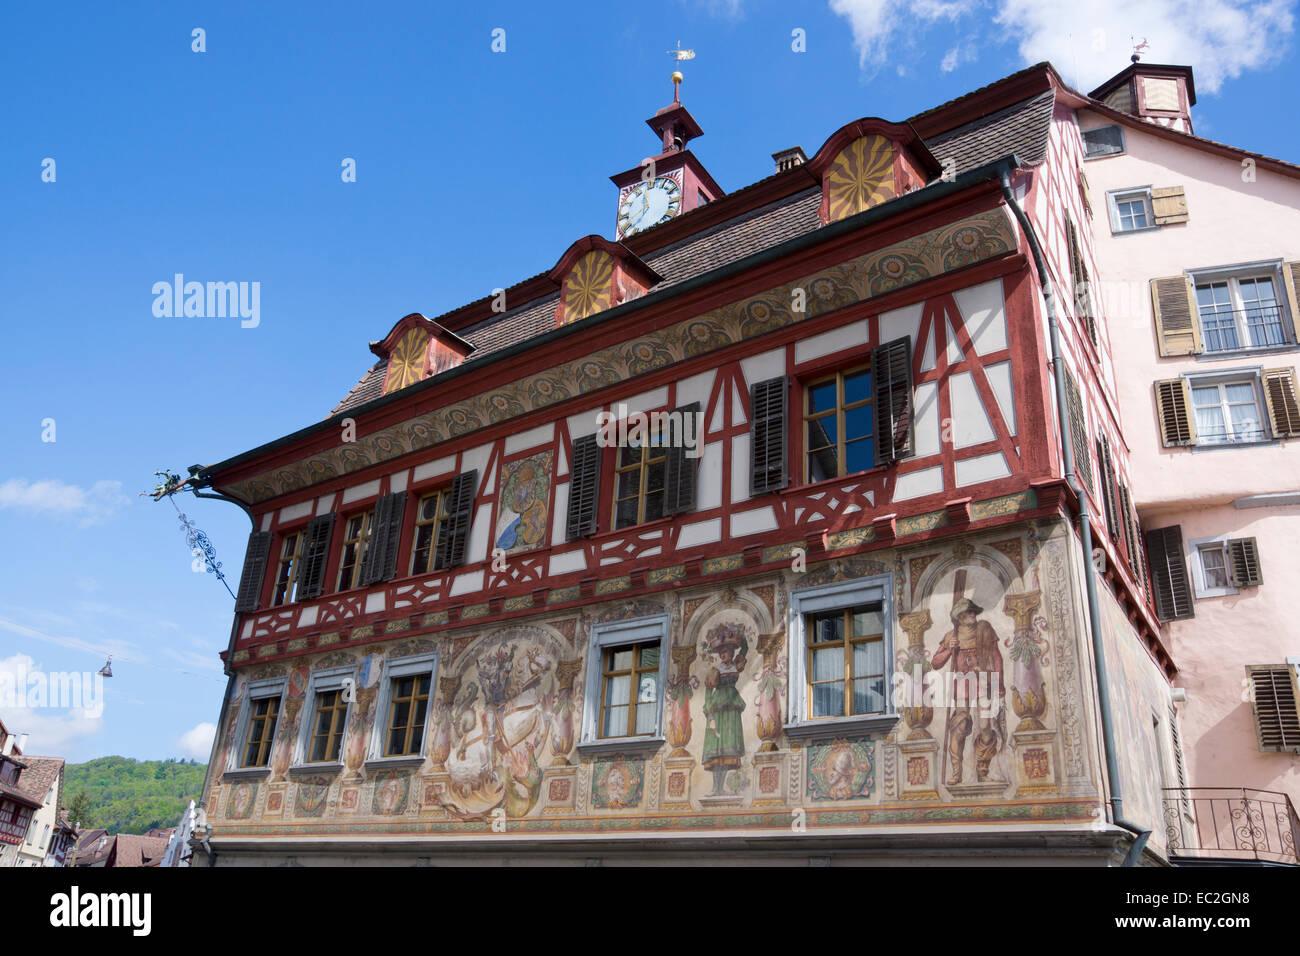 Town hall, Stein am Rhein, High Rhine, Canton of Schaffhausen, Switzerland, Europe - Stock Image